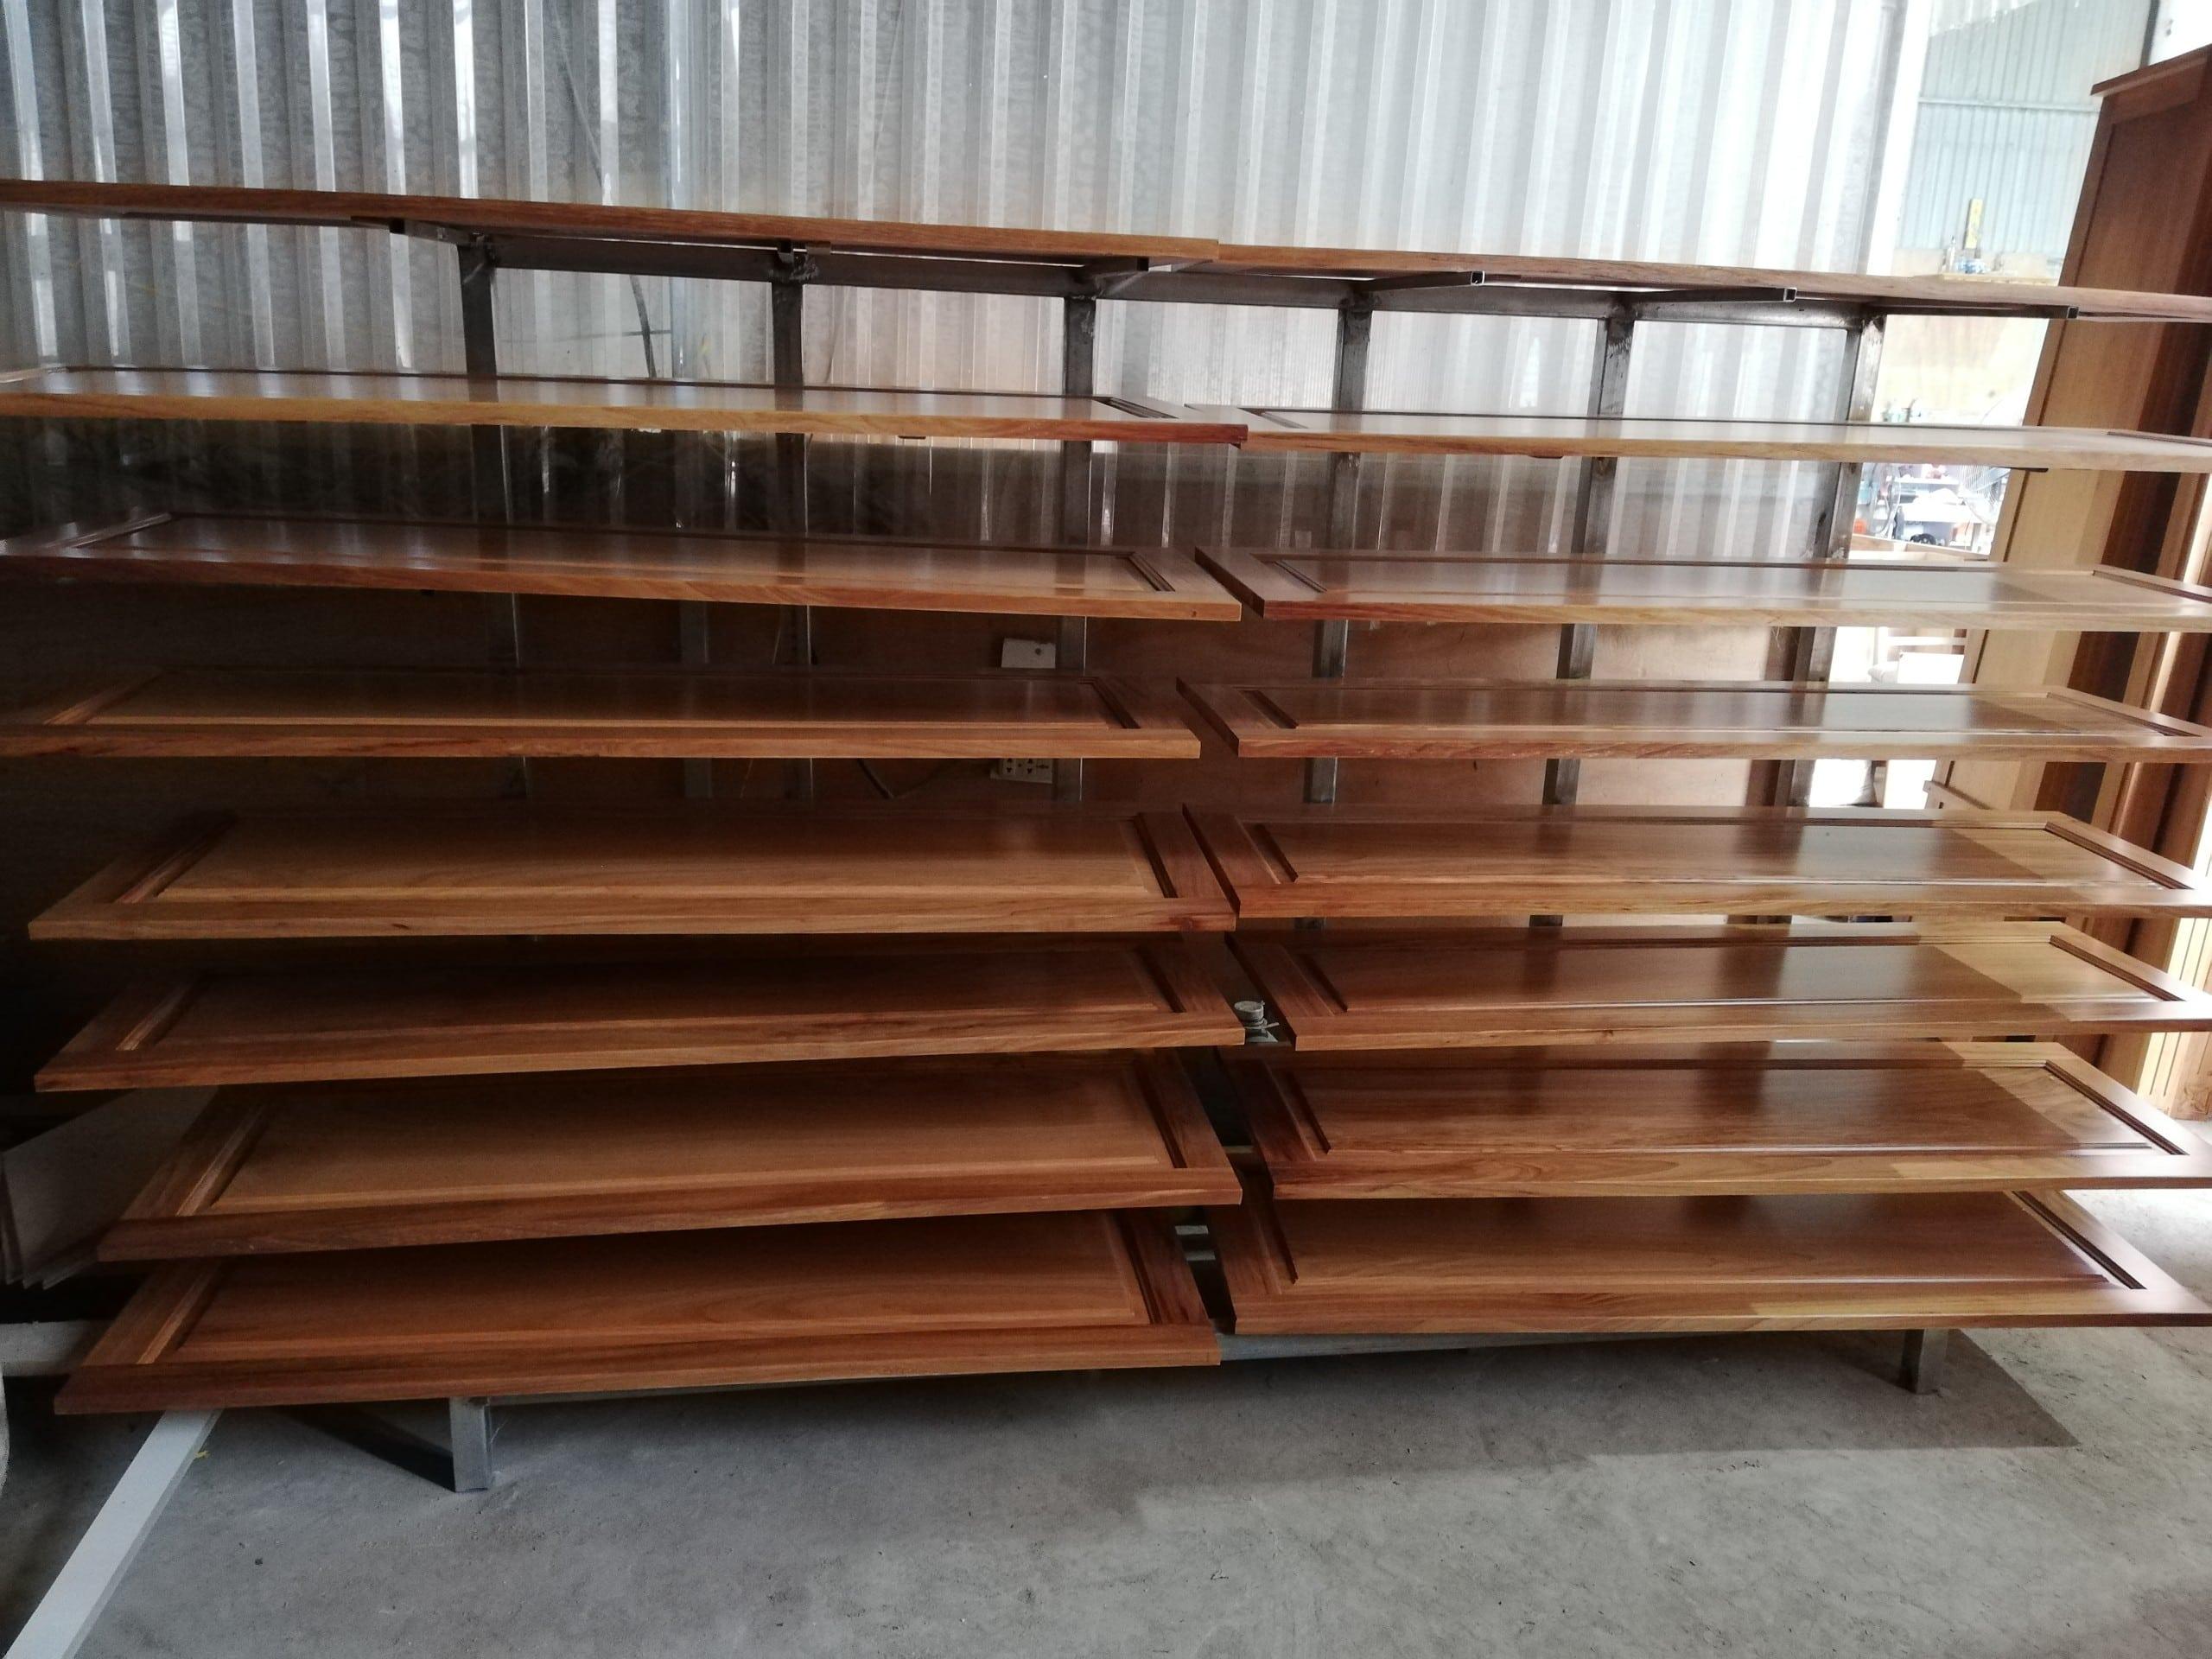 xưởng sản xuất đồ gỗ Anviethouse